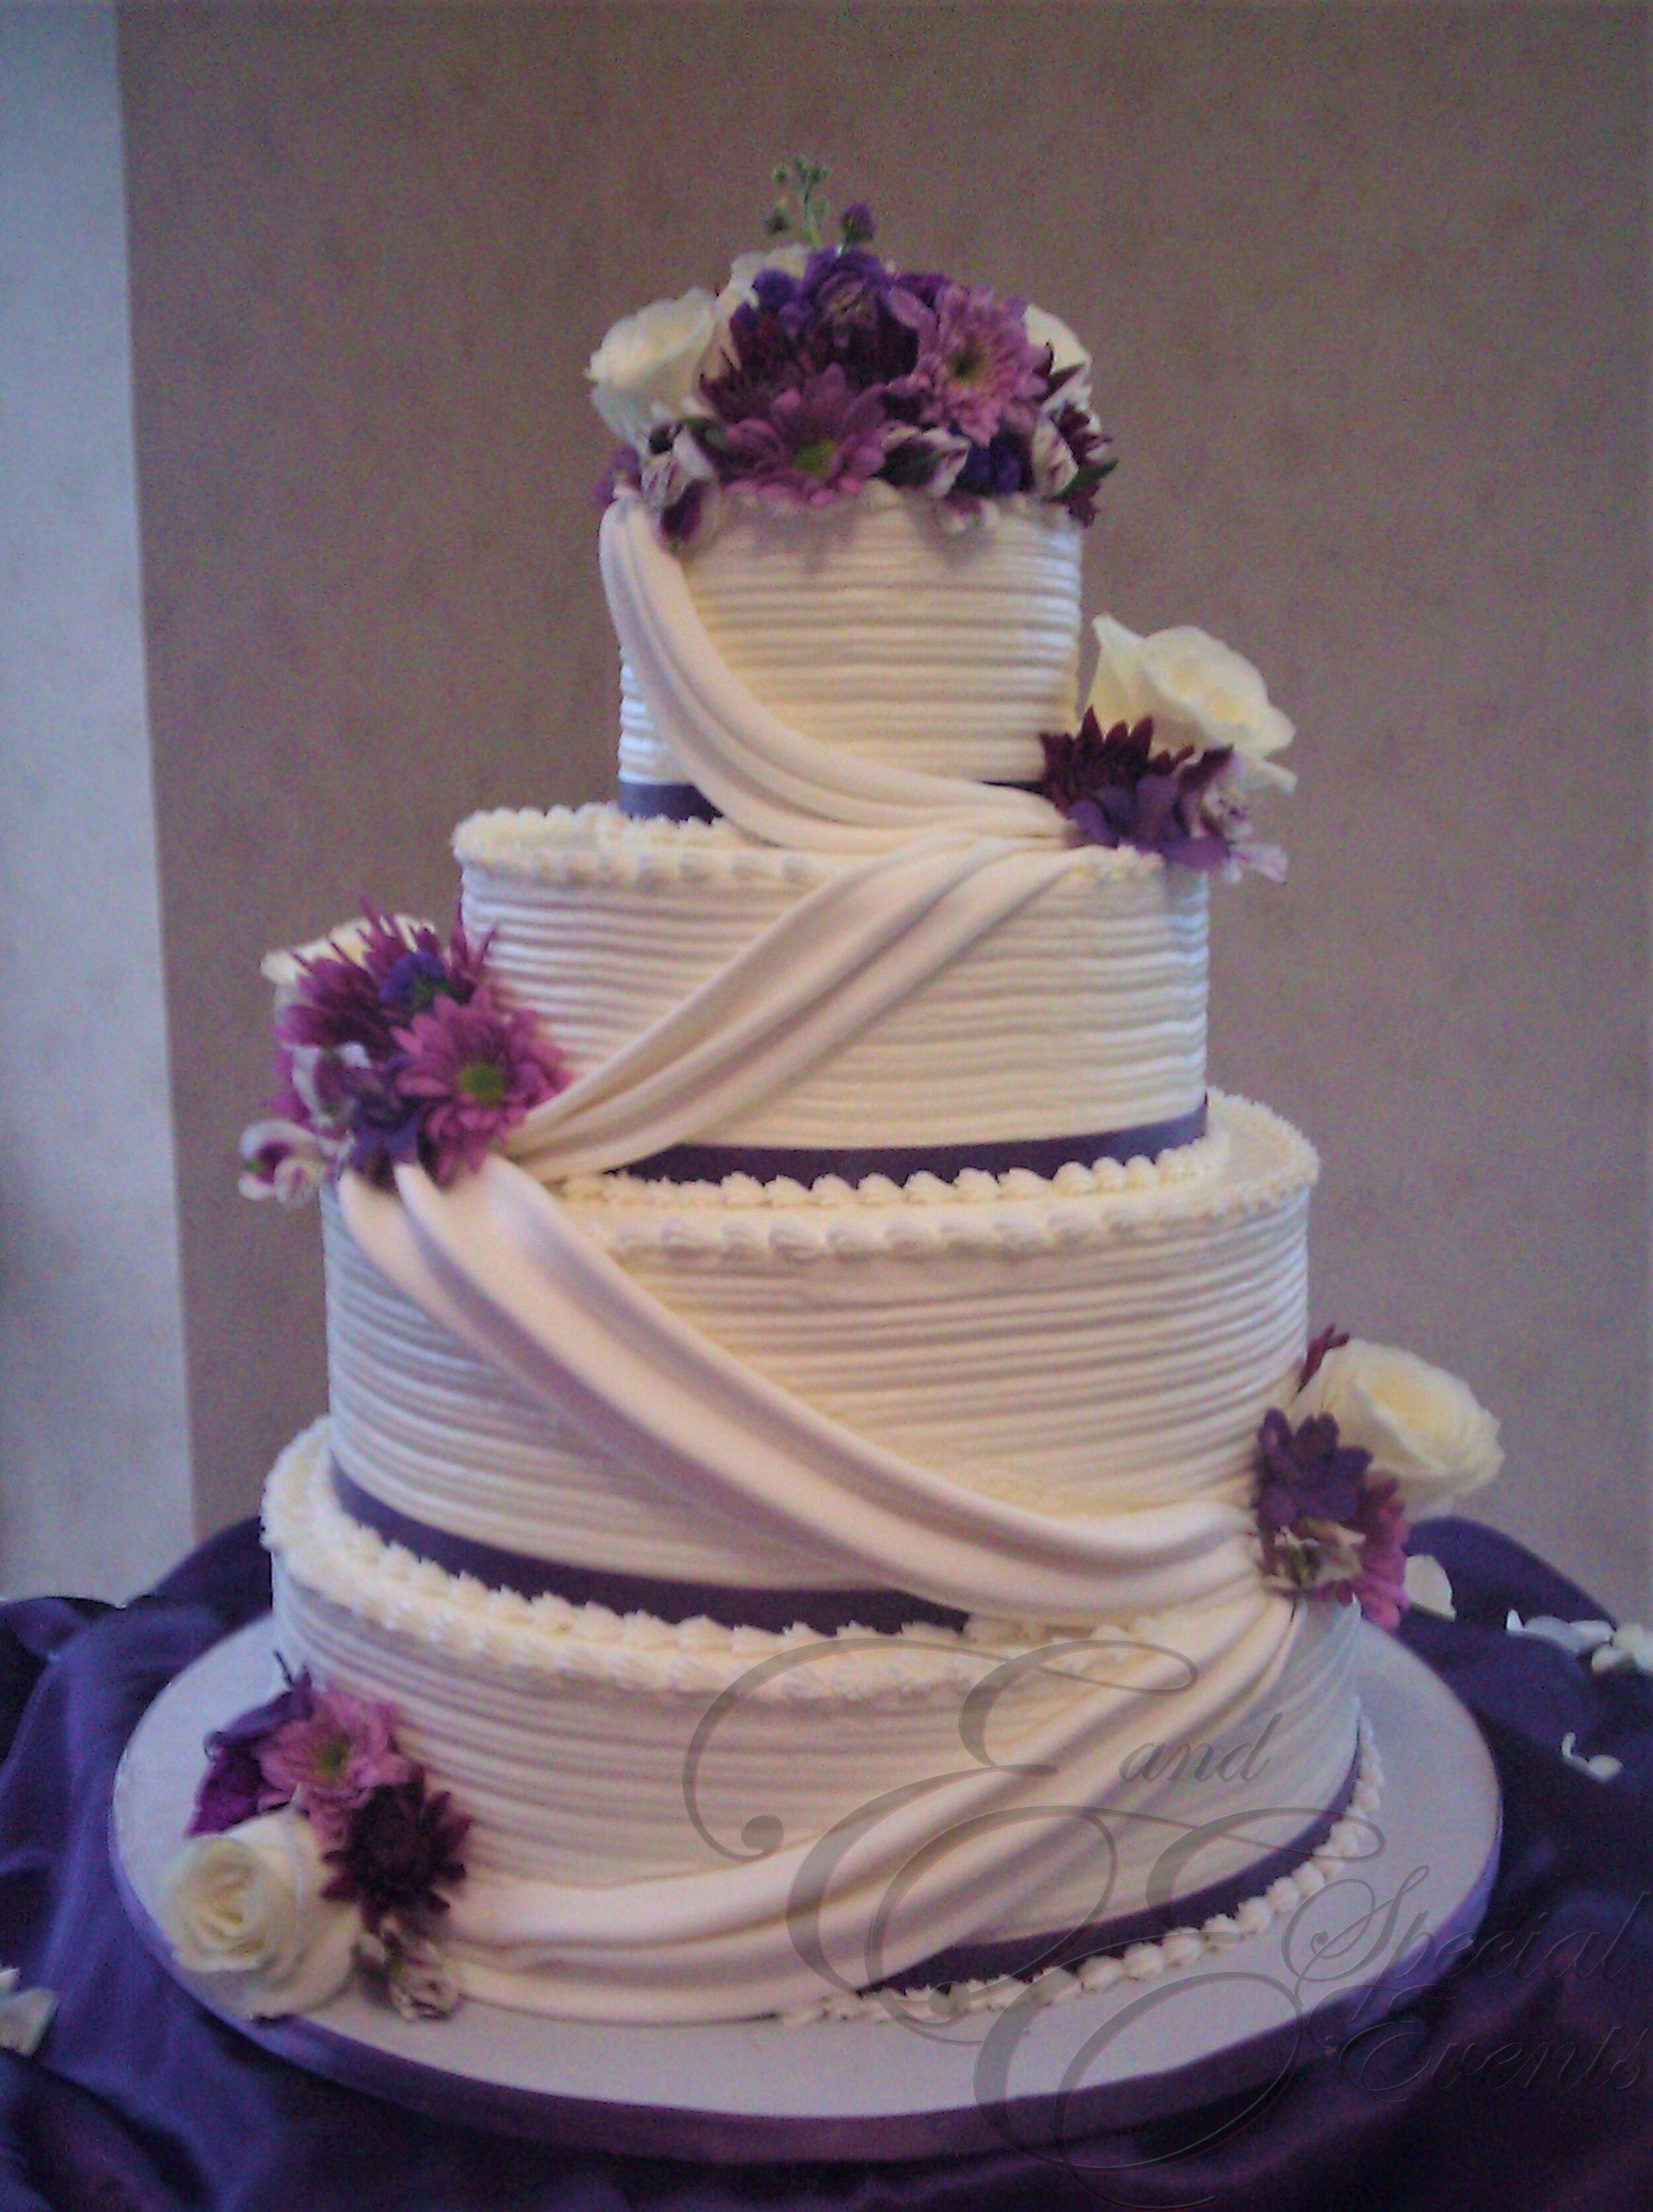 E_E_Special_Events_Wedding_Cakes_Flowers_Virginia_Beach_Hampton_Roads1 (1).jpg